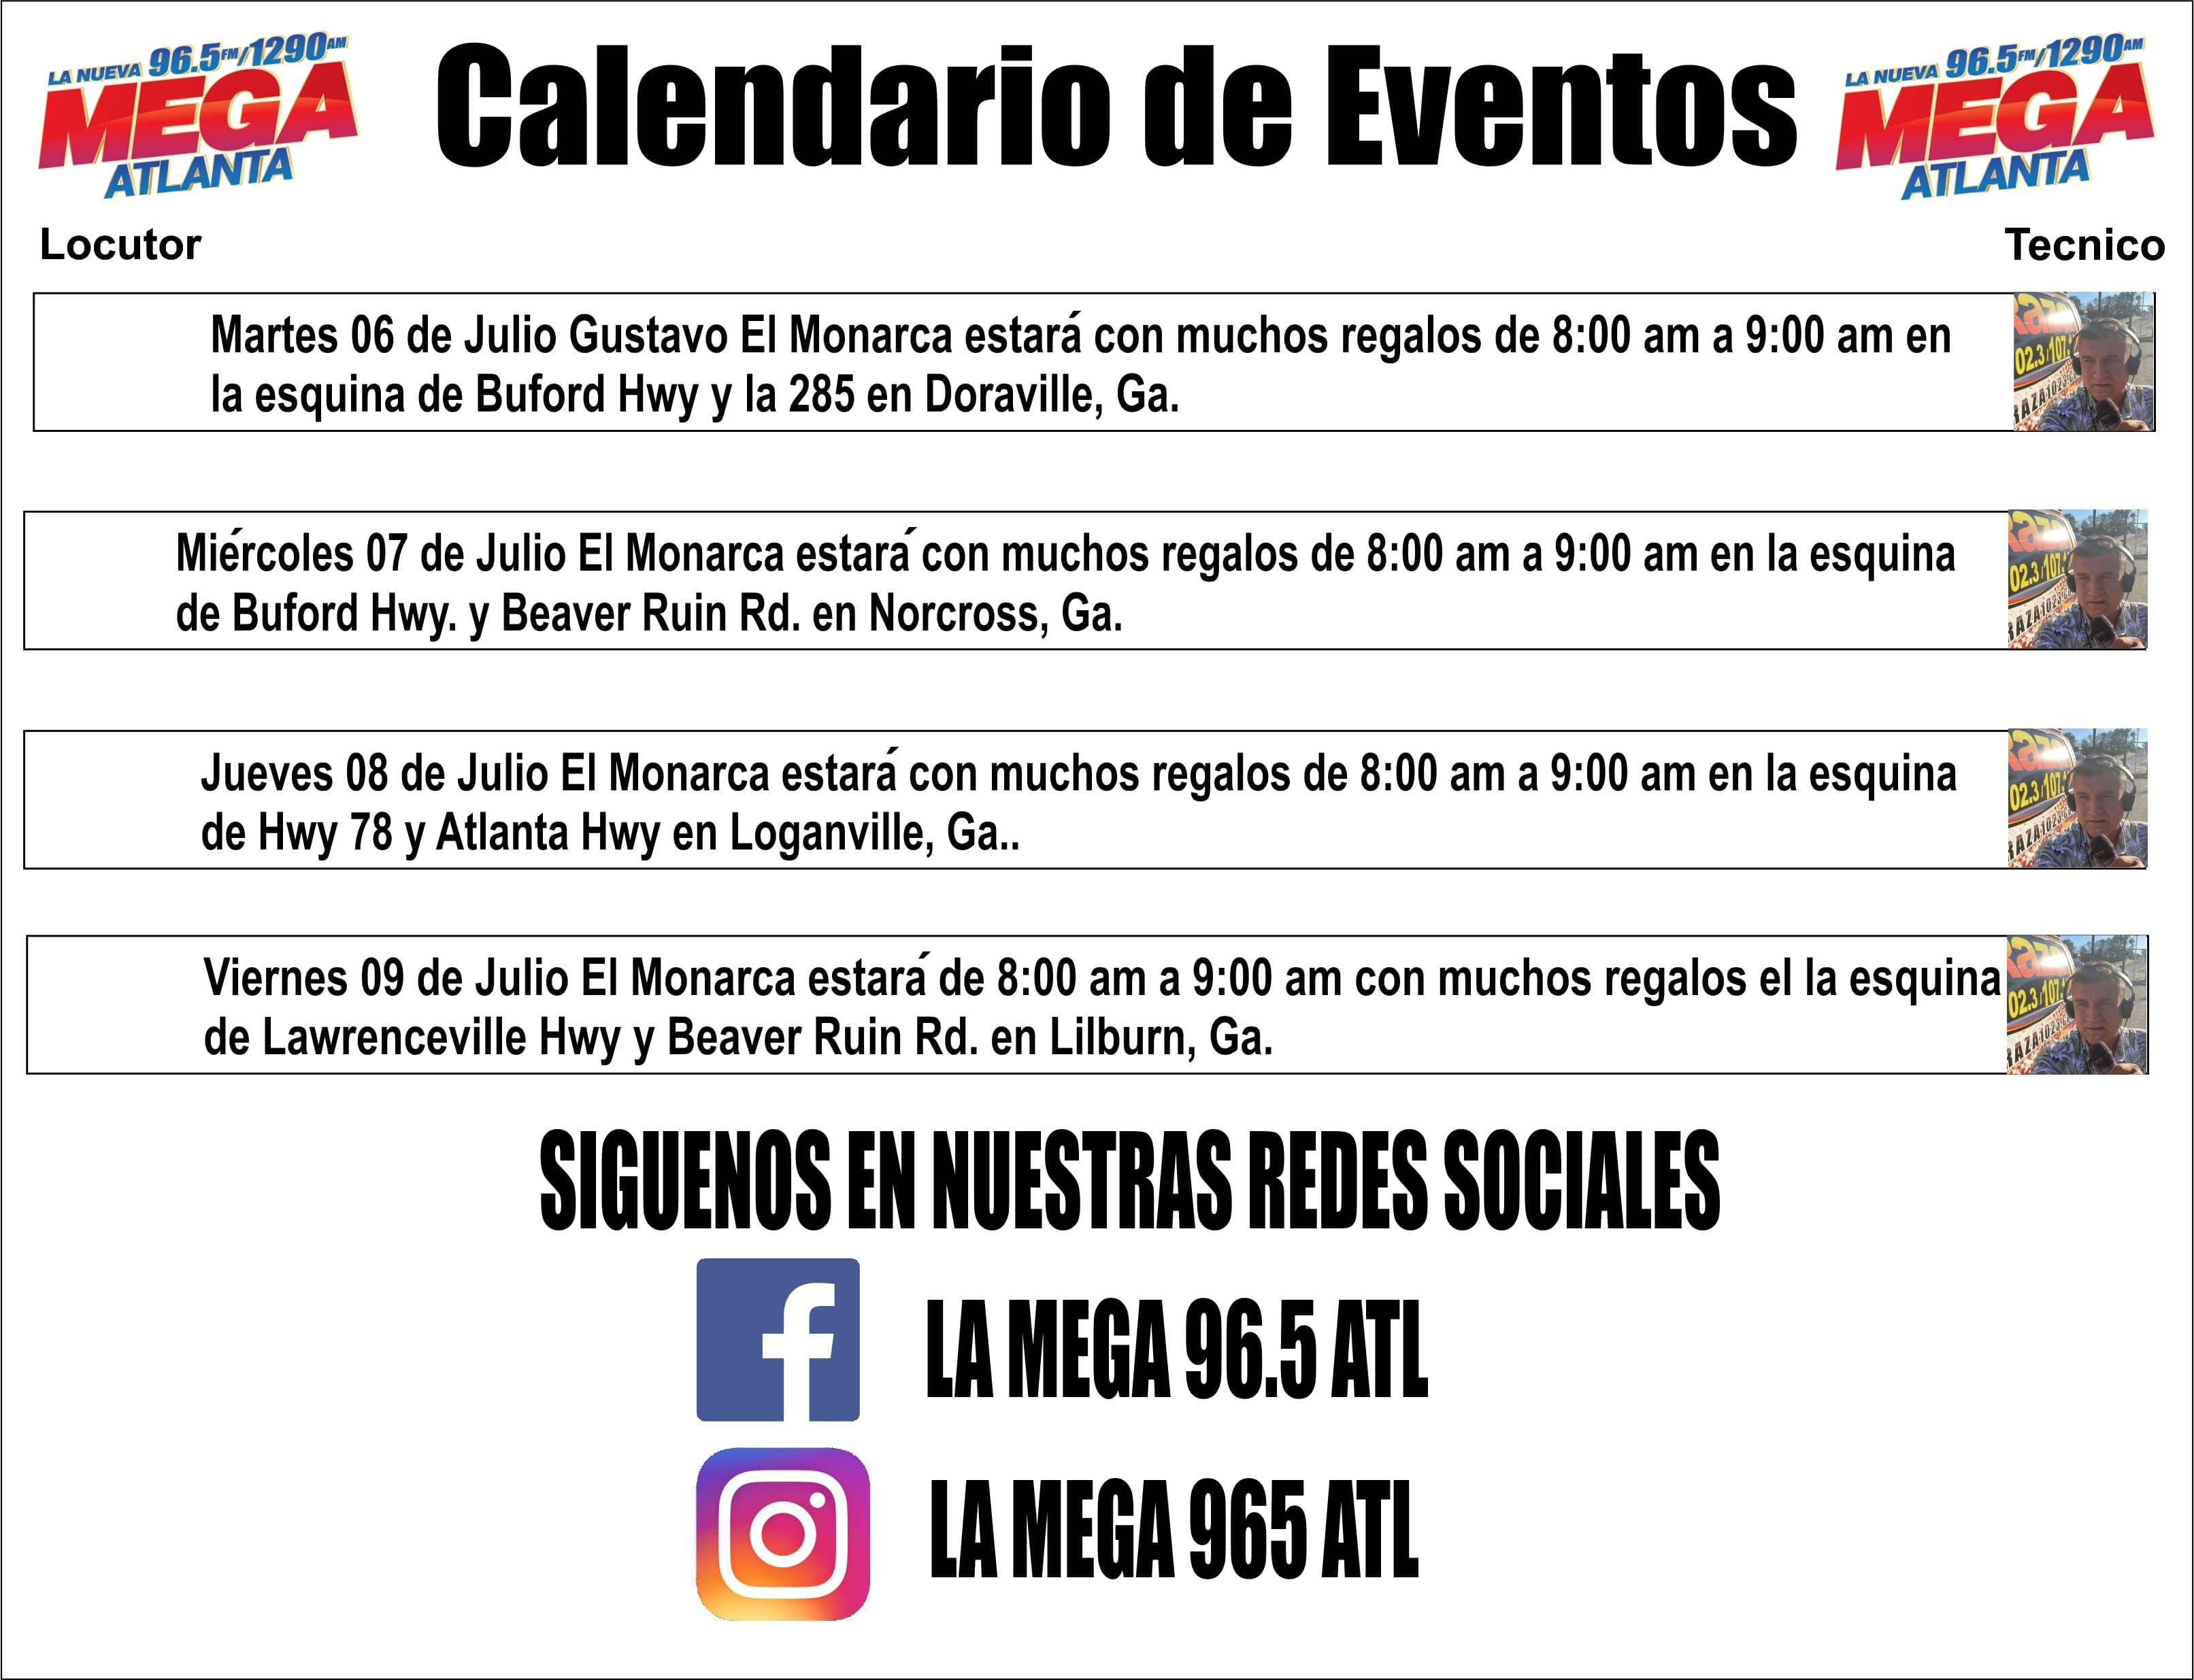 Calendarios-de-remotos-Mega-Julio-6-al-9